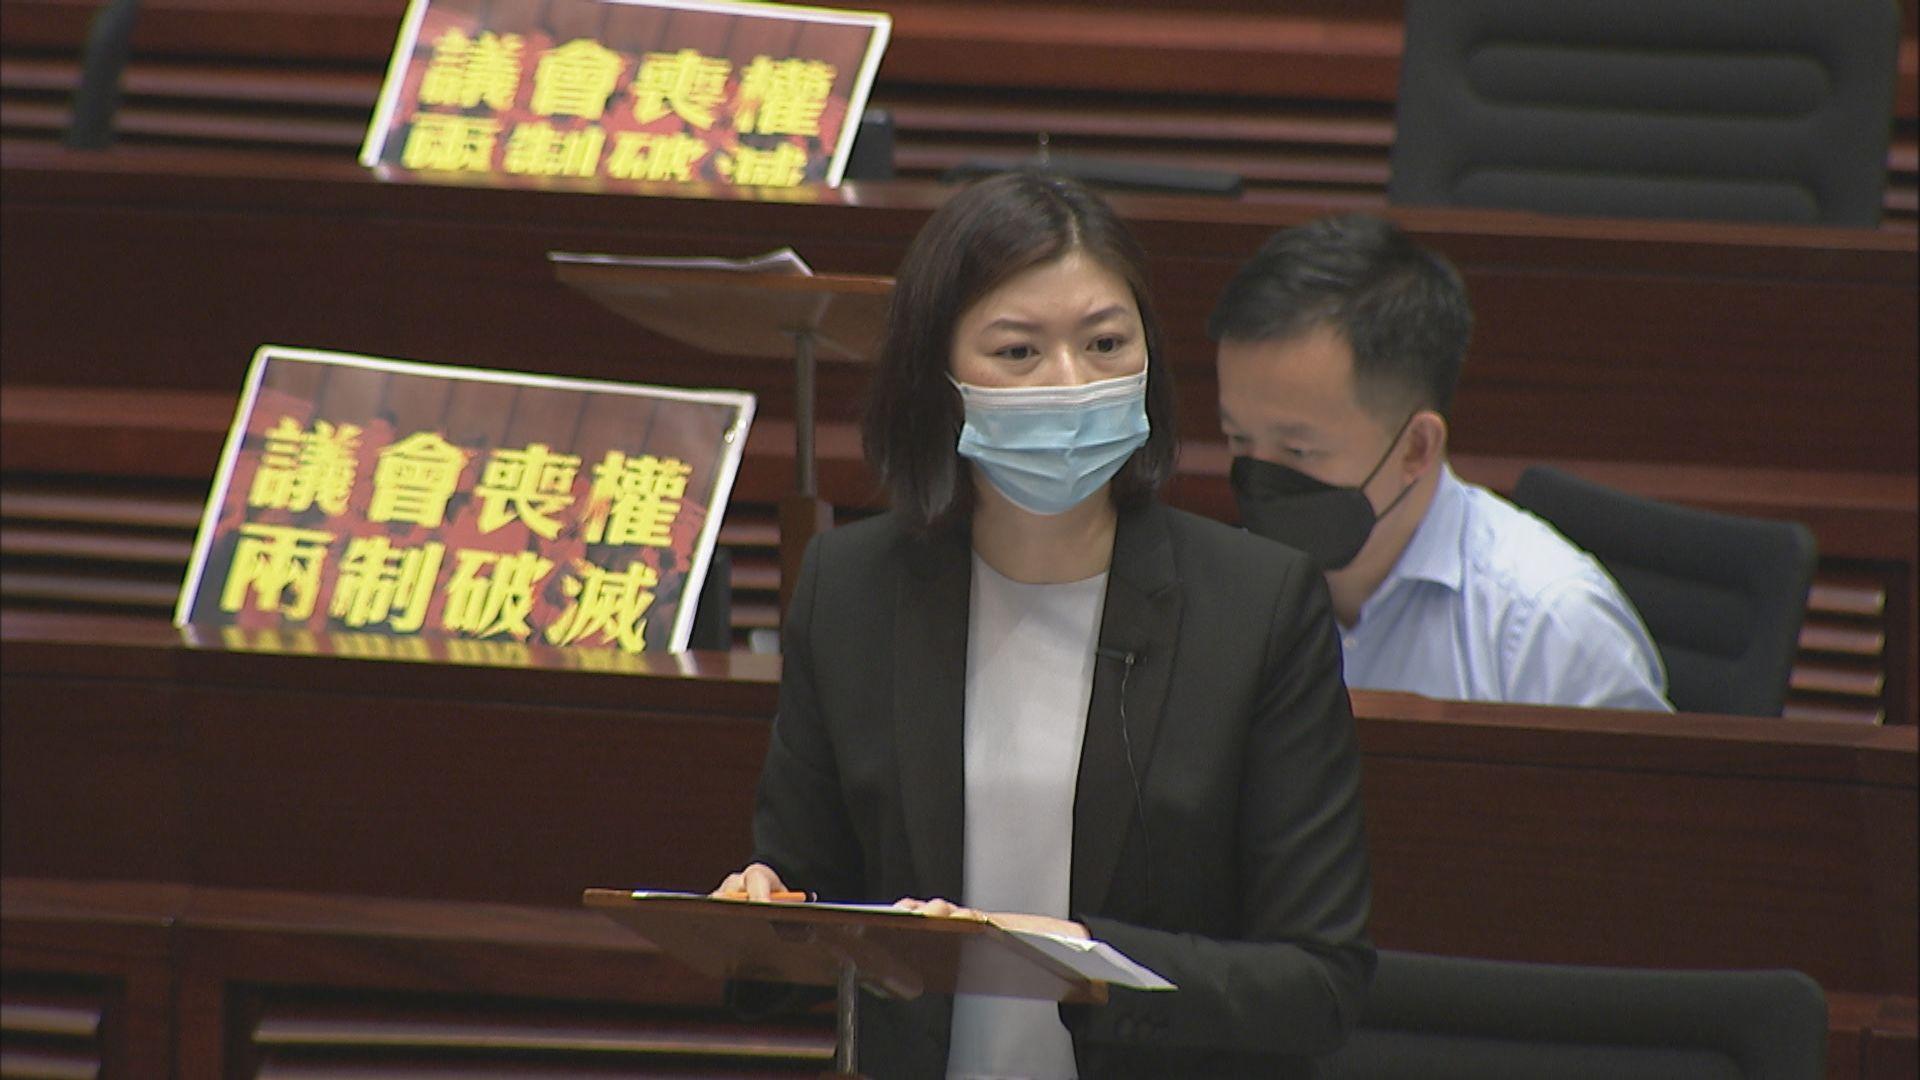 建制派表明支持國歌法 反對民主派所有修正案